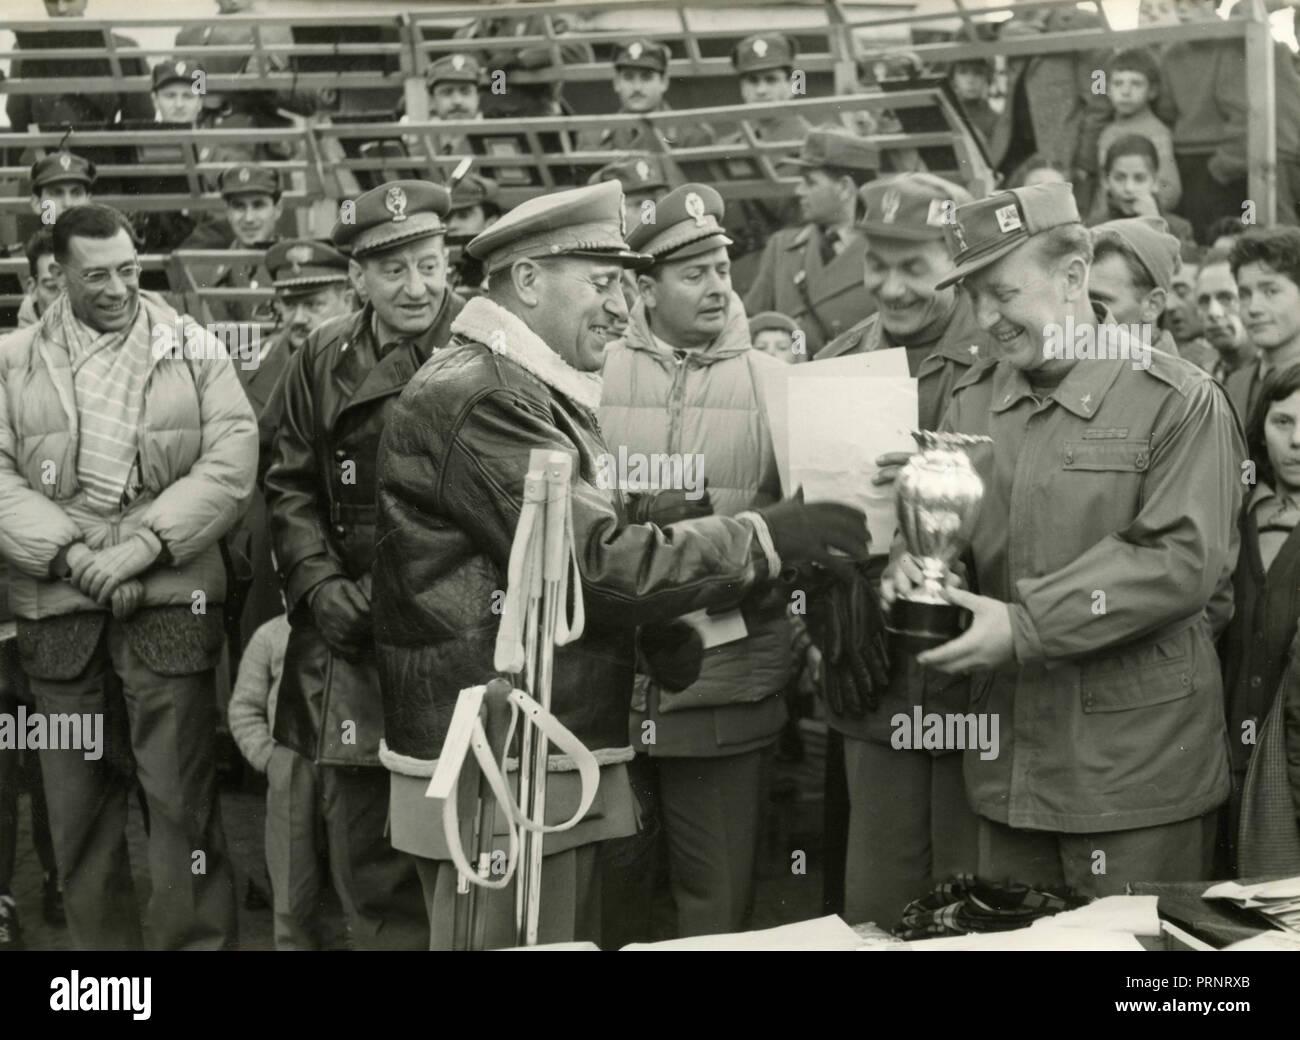 Guardia di Finanza in una competizione sportiva, Italia degli anni cinquanta Immagini Stock